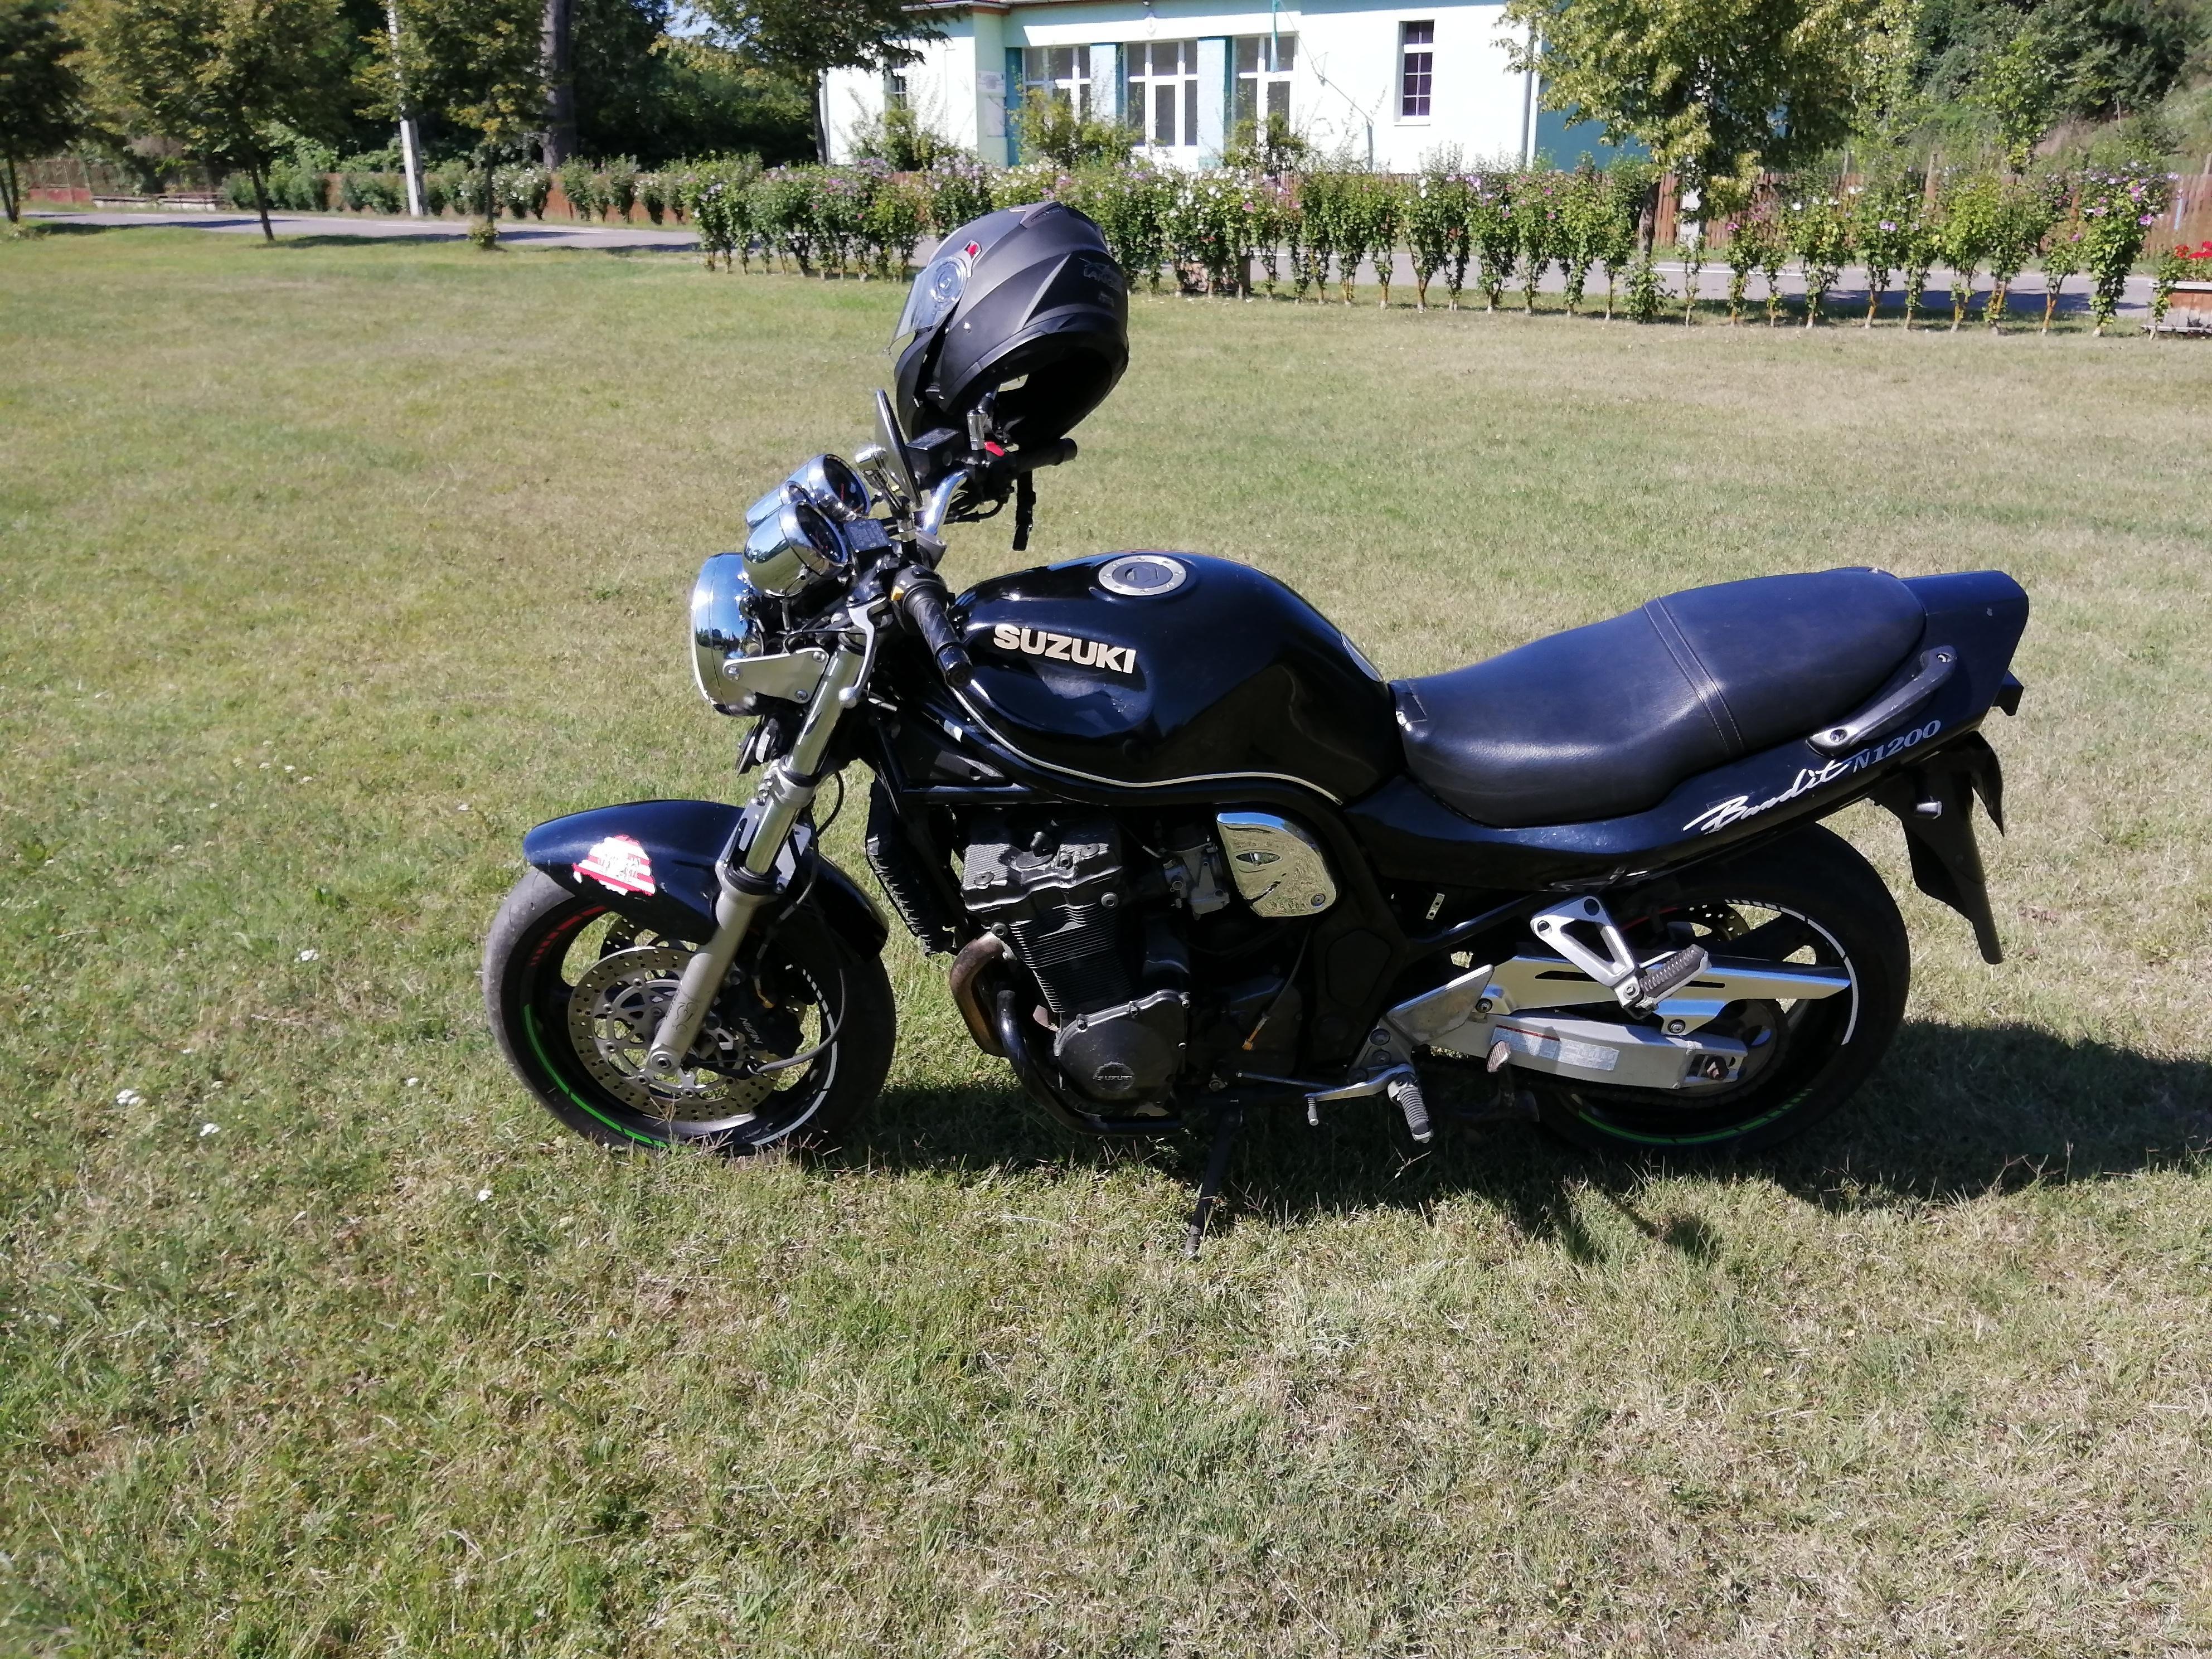 Honda Zoomer | motoapro.hu - Apróhirdetés: eladó motorok